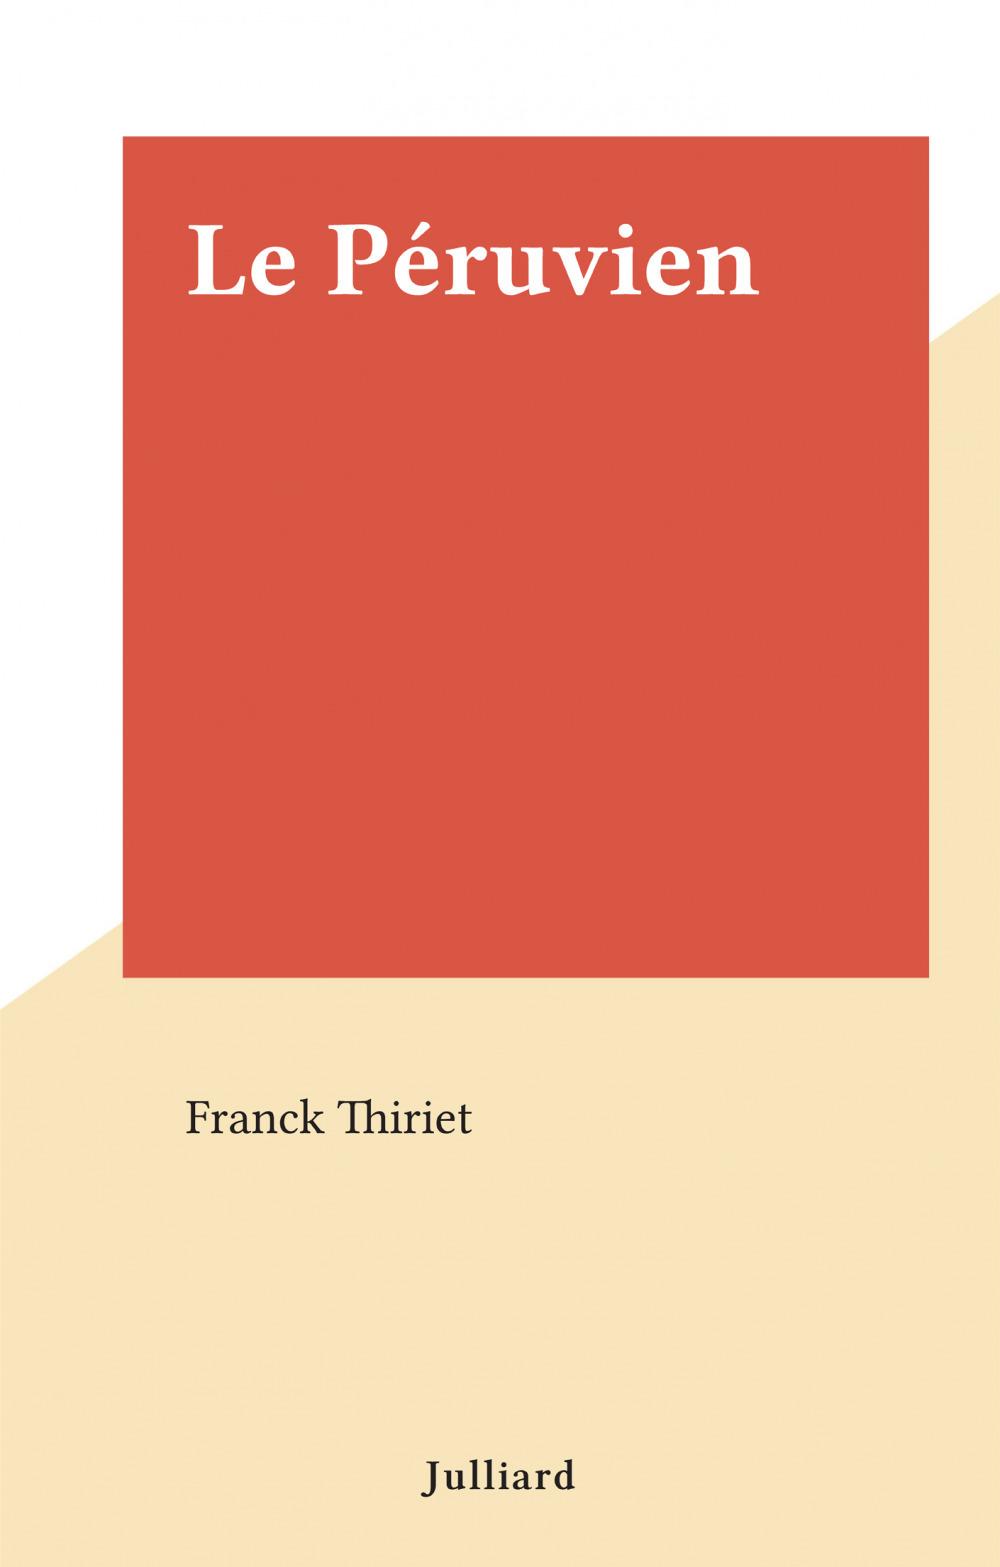 Le Péruvien  - Franck Thiriet